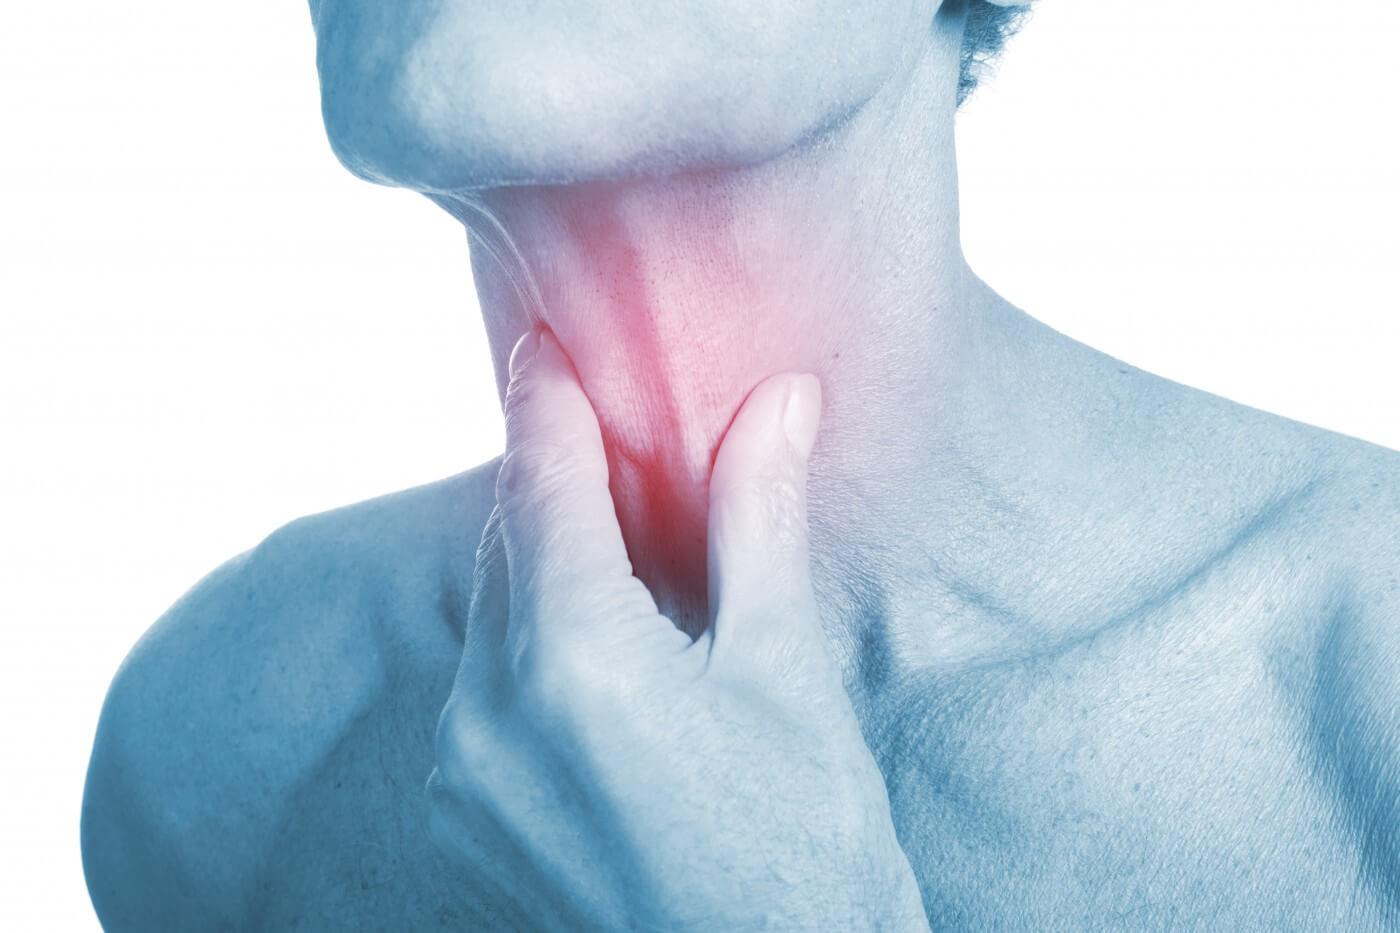 Первая помощь при ангине и воспалении горла